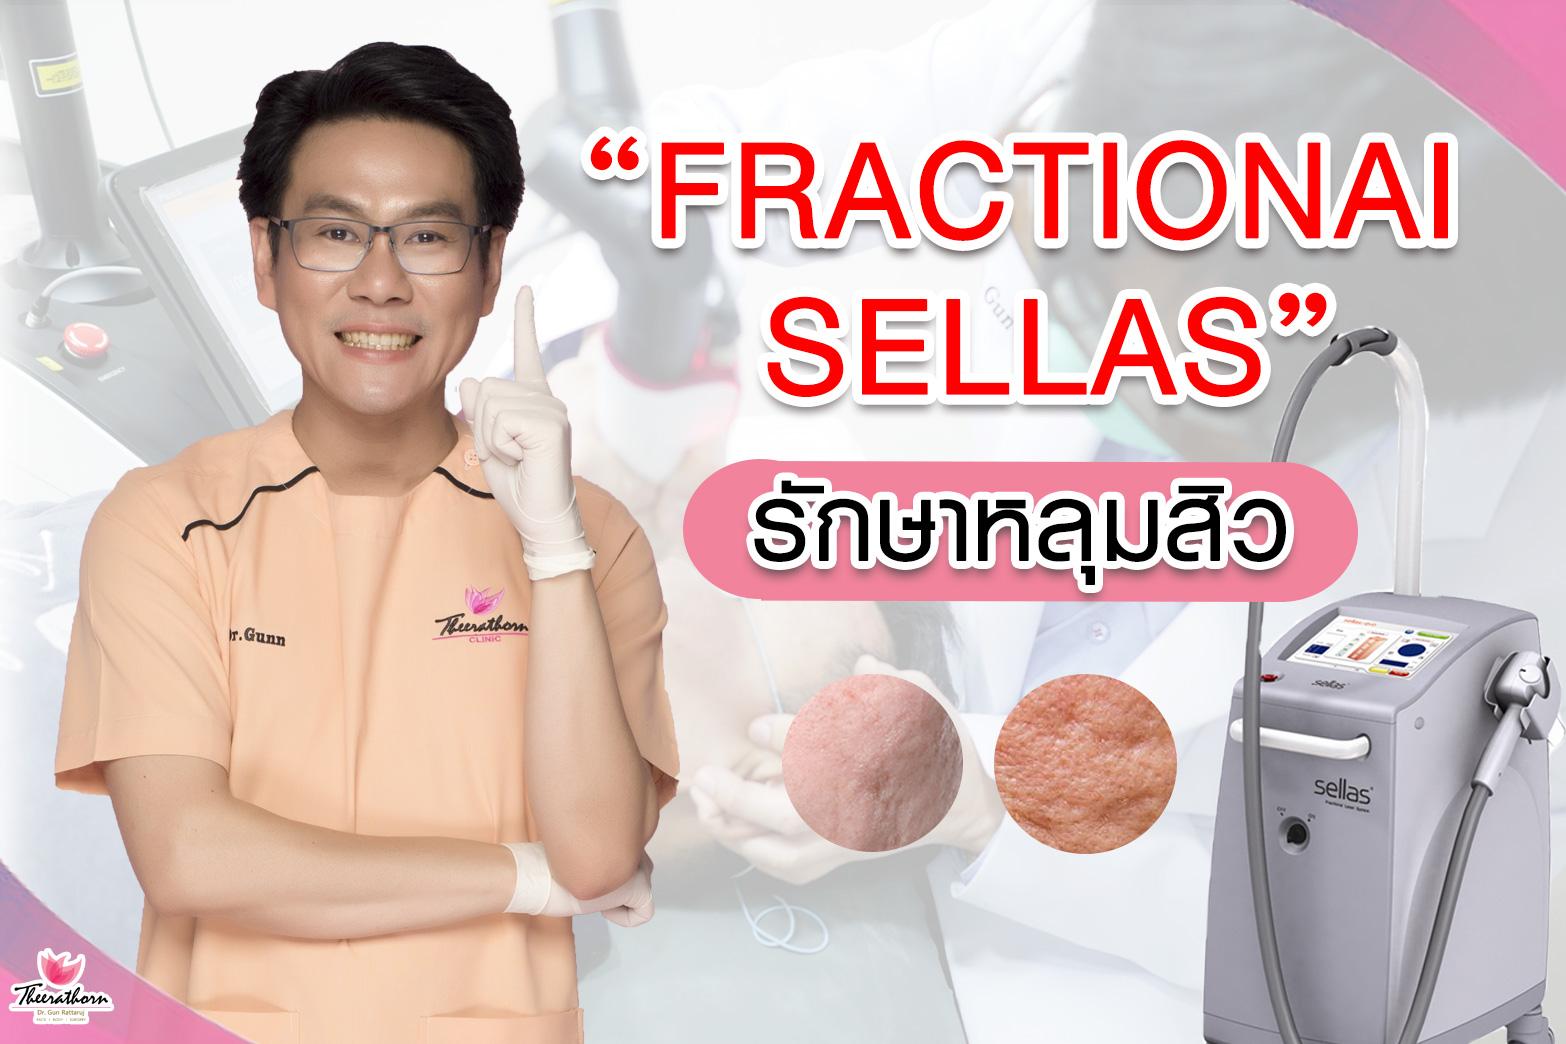 รักษาหลุมสิว-หลุมสิว-จุดด่างดำ-รอยแผลเป็น-ธีระธรฌ์คลินิก-หมอกัน-รักษาหลุมสิวที่ไหนดี-Fractional Sellas รักษาหลุมสิว